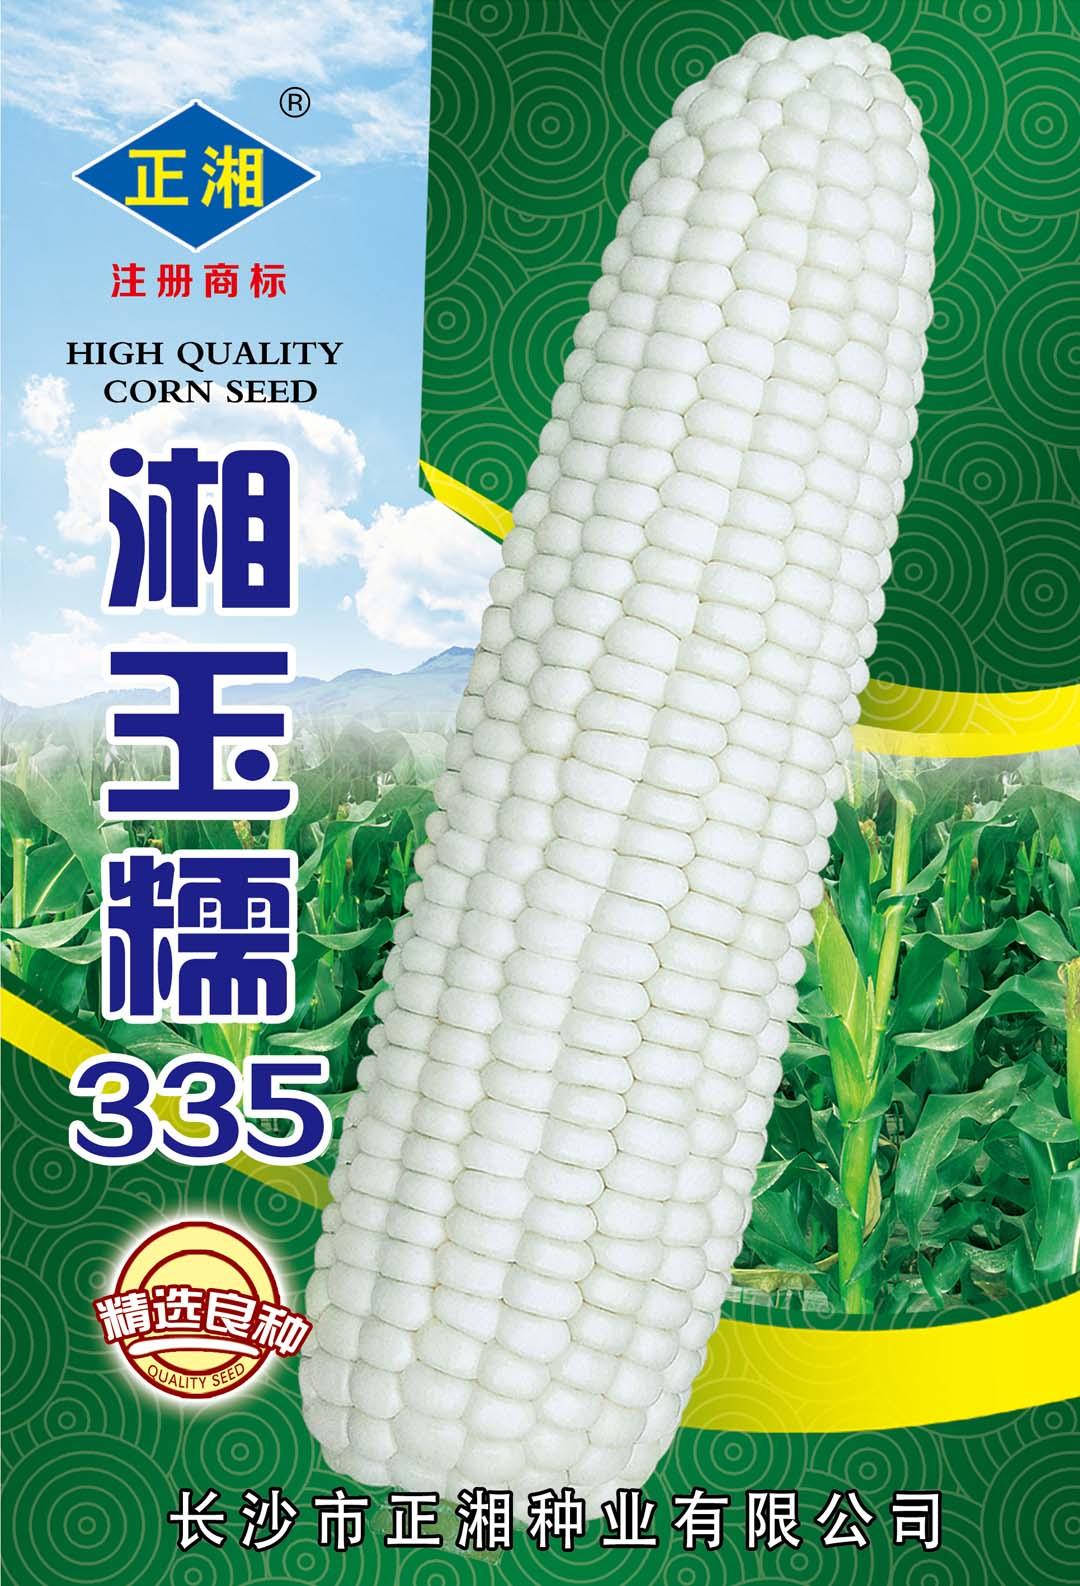 湘玉糯335